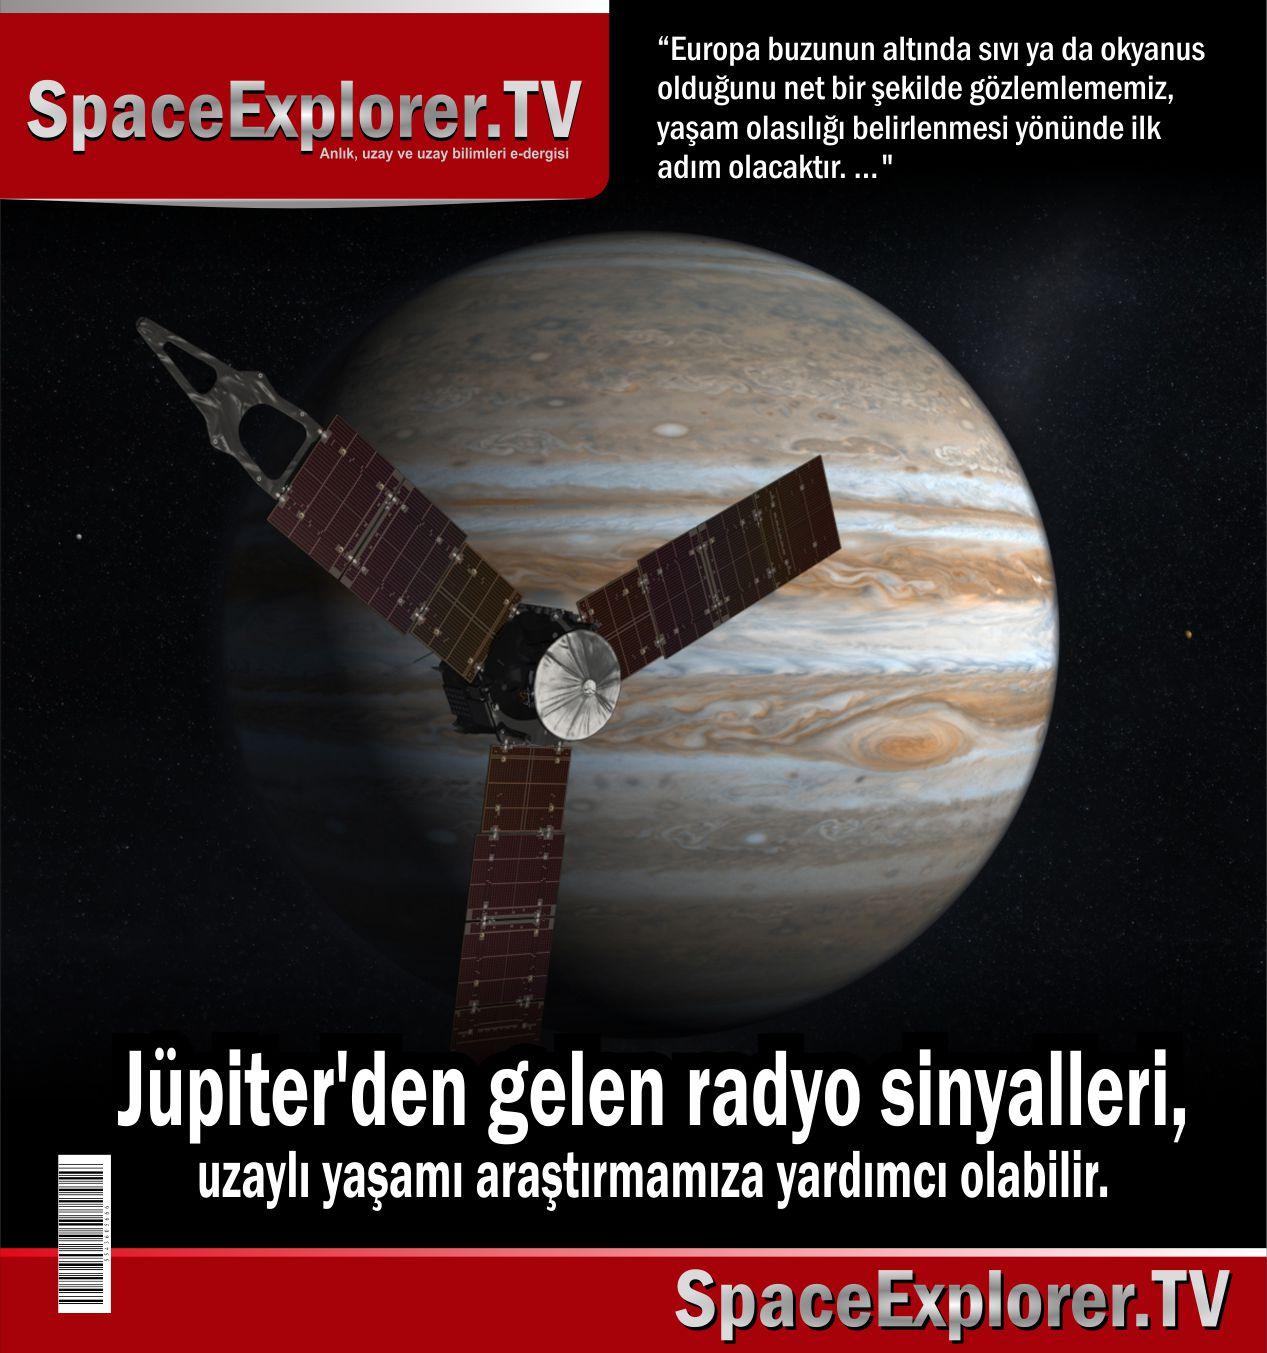 Jüpiter, Jüpiter'in uyduları, Uzaydan toplanan sinyaller, Uzaydan toplanan radyo sinyalleri, Europa, Dünya dışı yaşam, Ganymeda, Callisto, Galileo uzay aracı, Andrew Romeo Wolf, Özge Eryağcı,